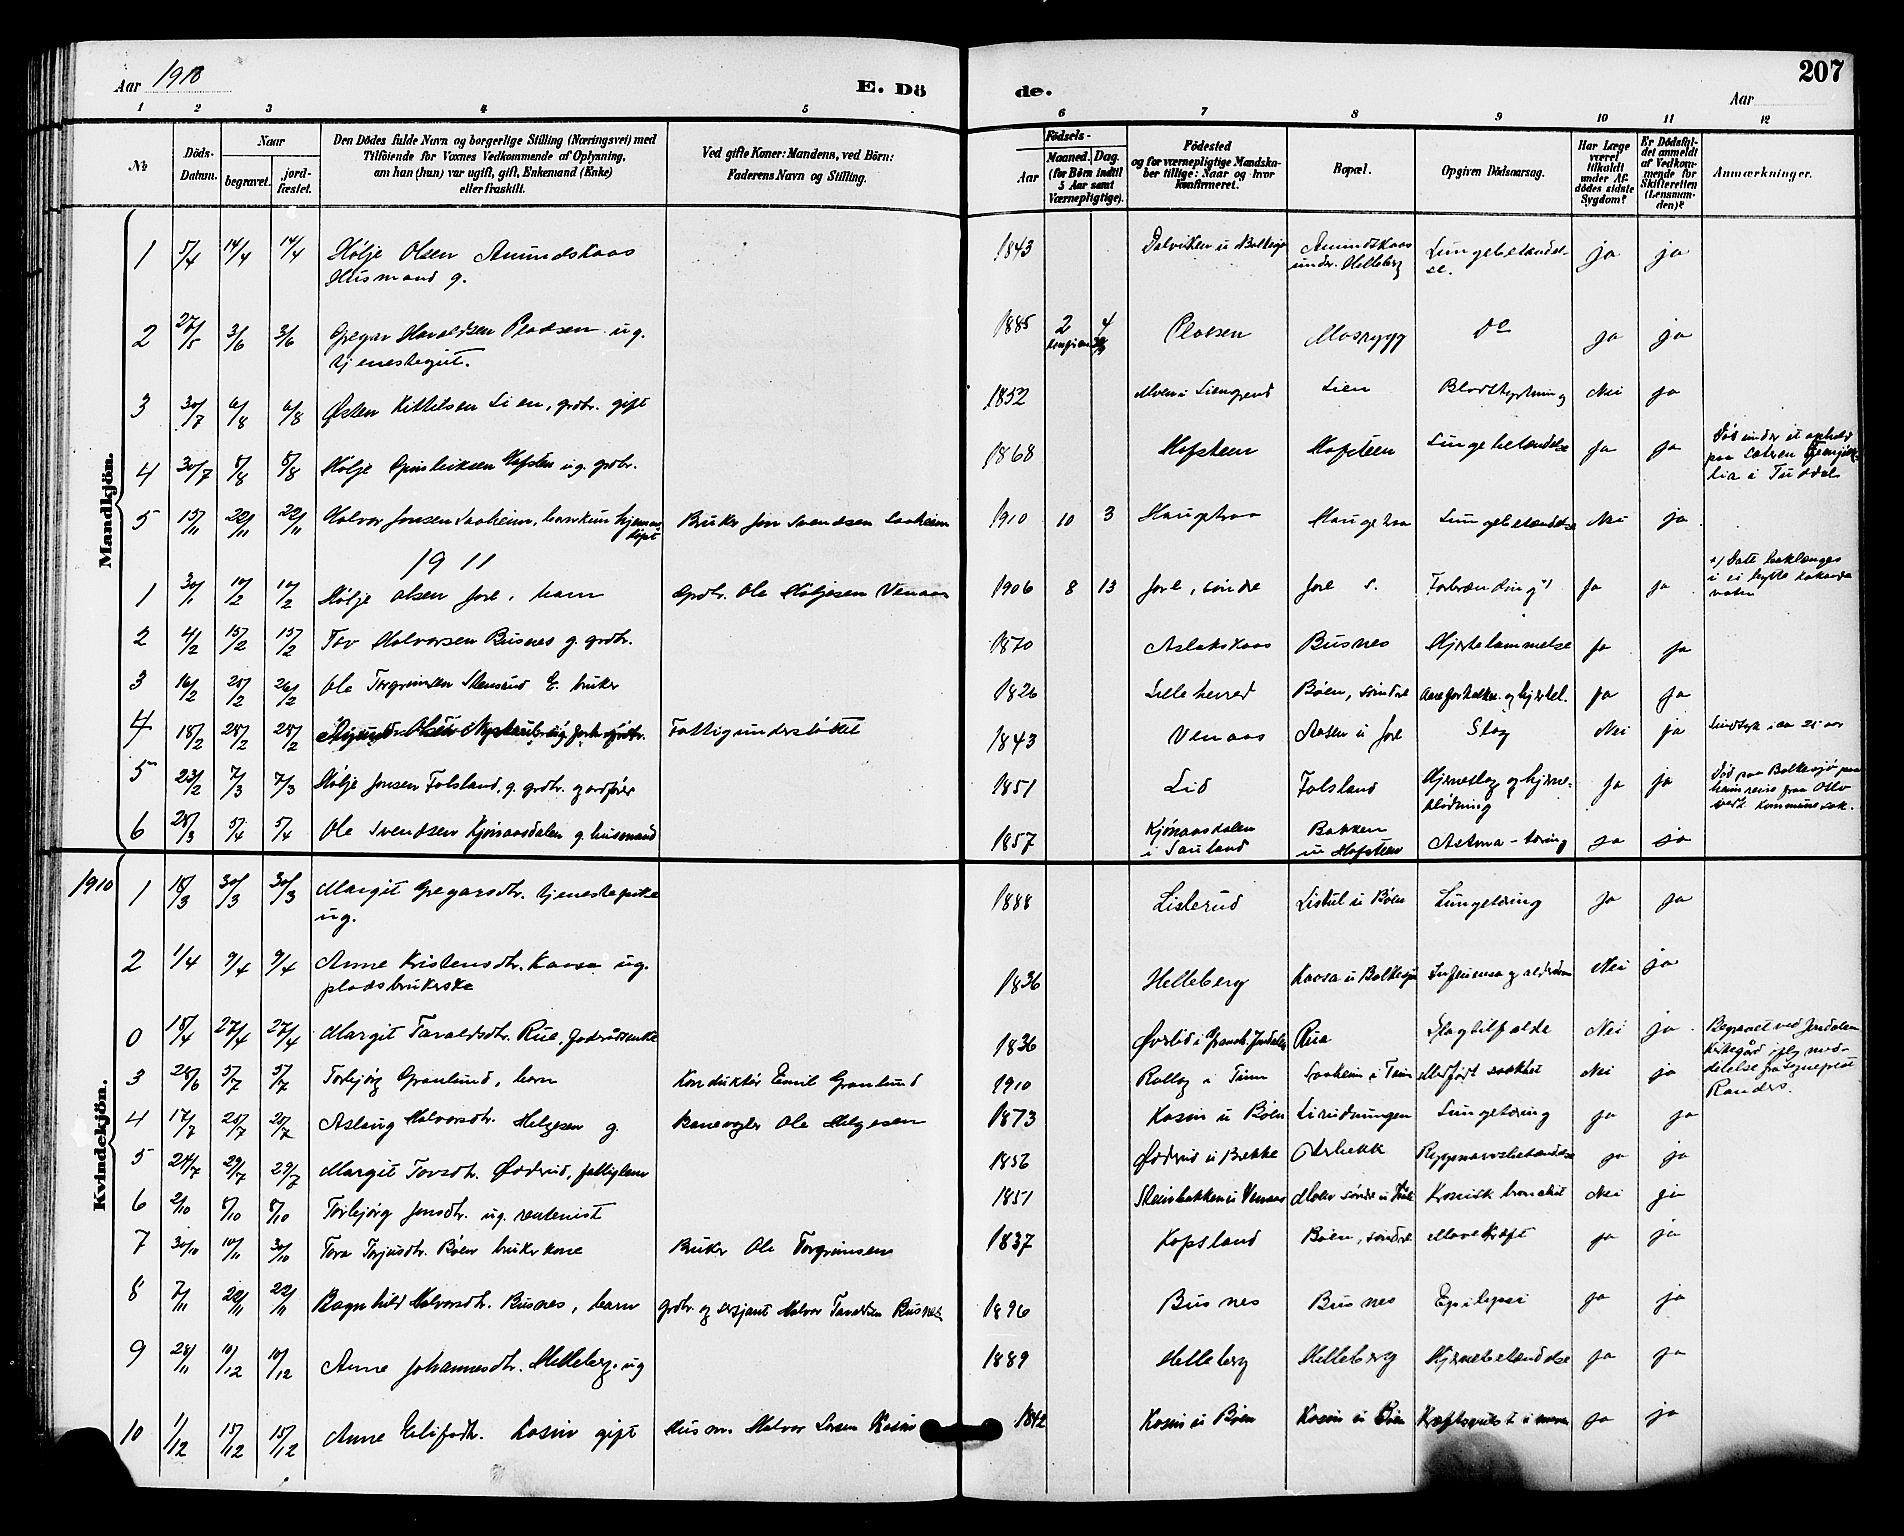 SAKO, Gransherad kirkebøker, G/Ga/L0003: Klokkerbok nr. I 3, 1887-1915, s. 207